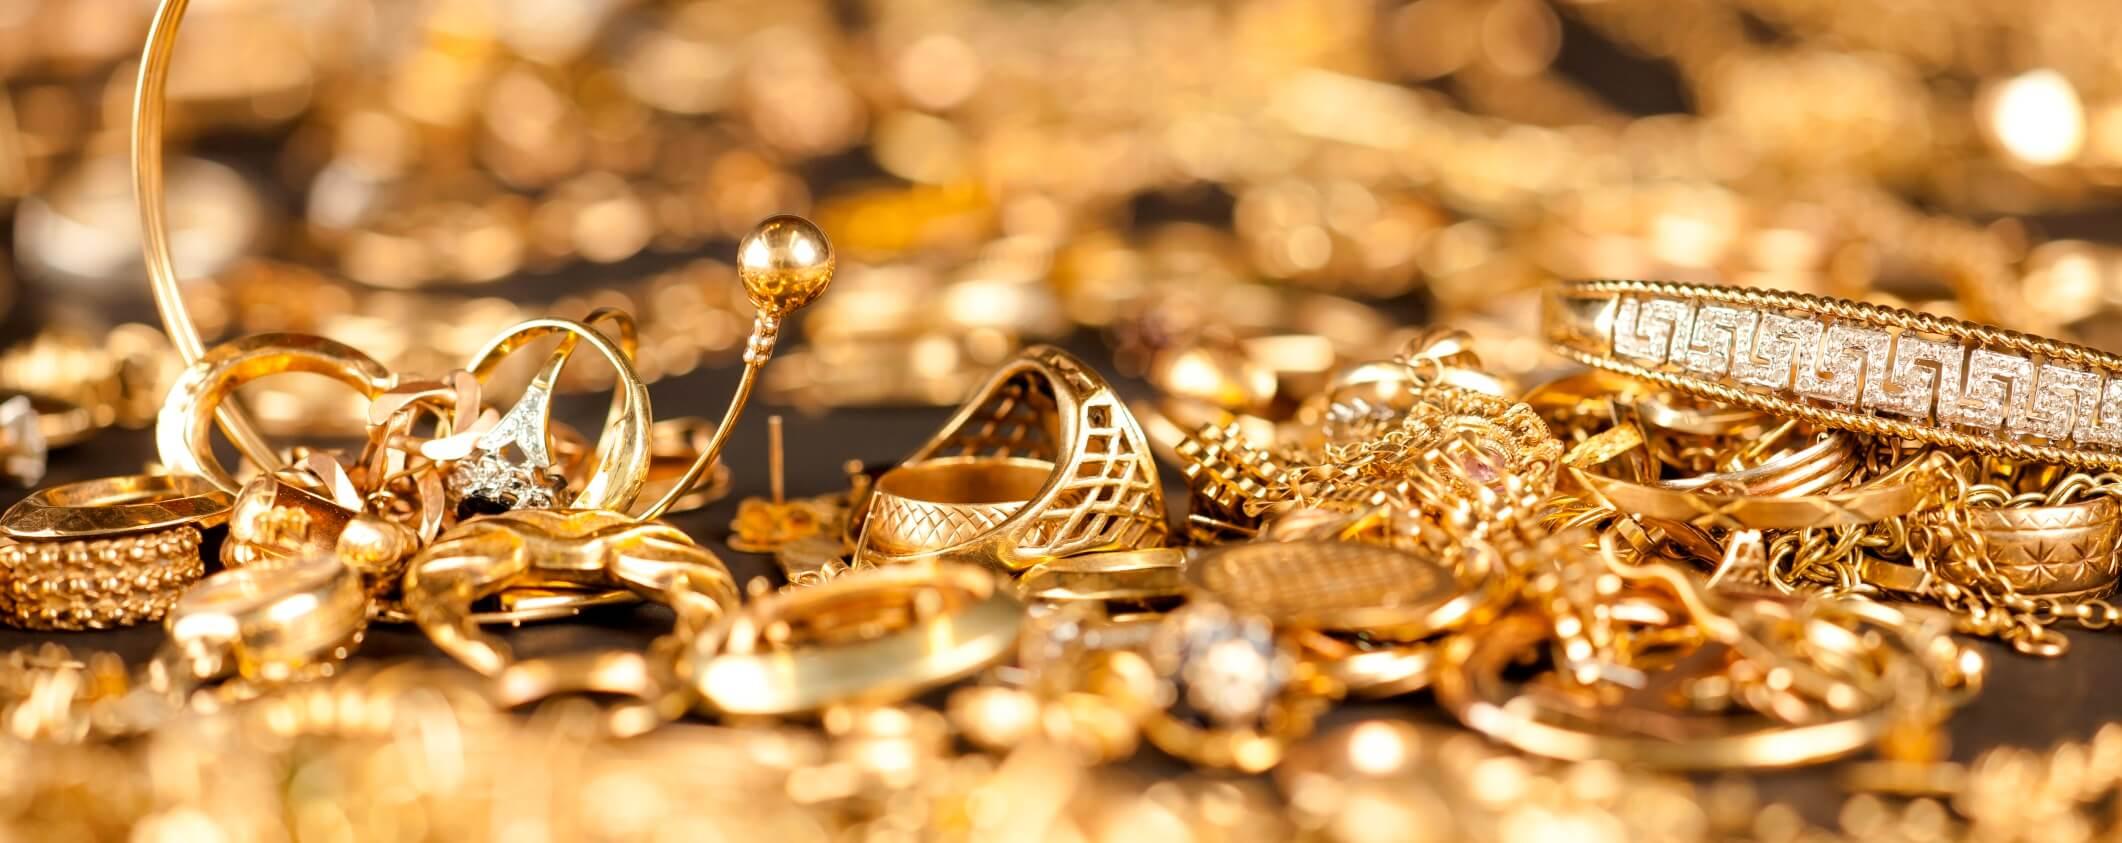 Проба: что означает номер на золотых изделиях и украшениях из серебра и с позолотой